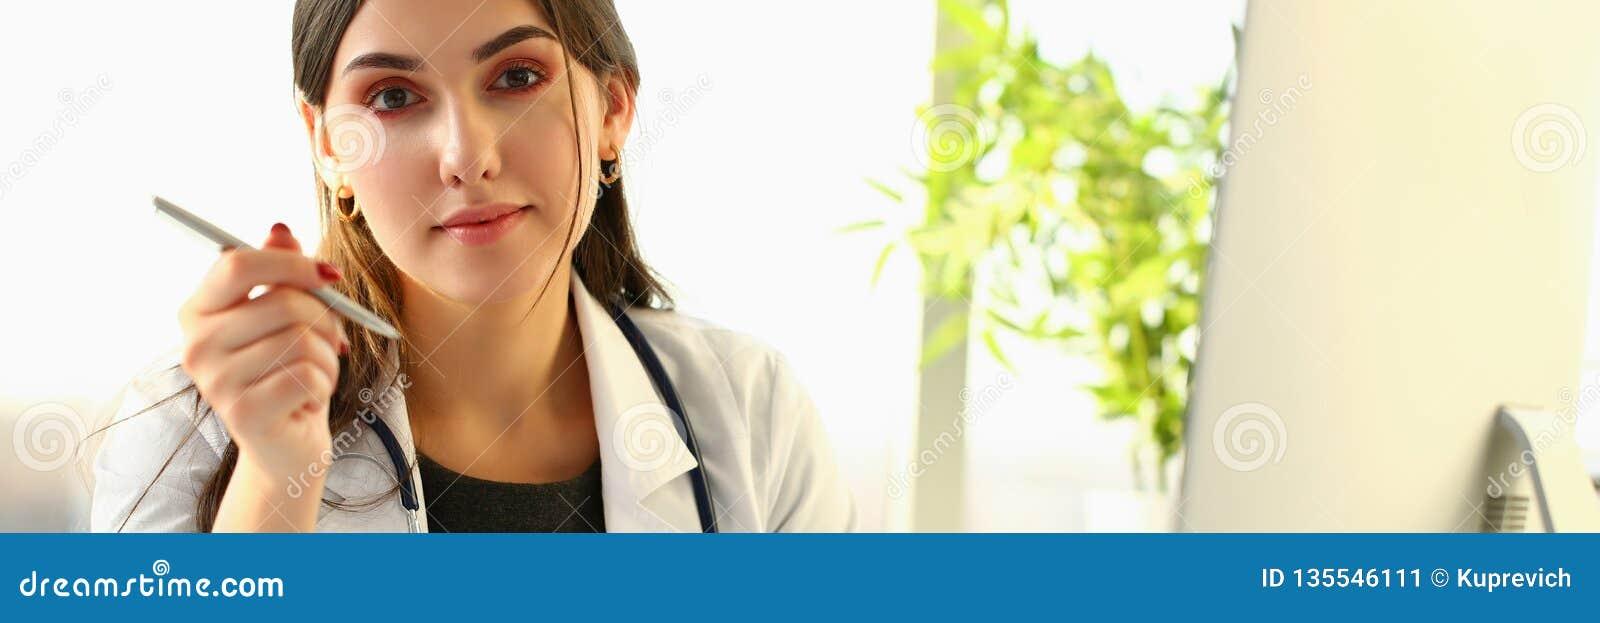 Bello medico femminile sorridente al ritratto del posto di lavoro